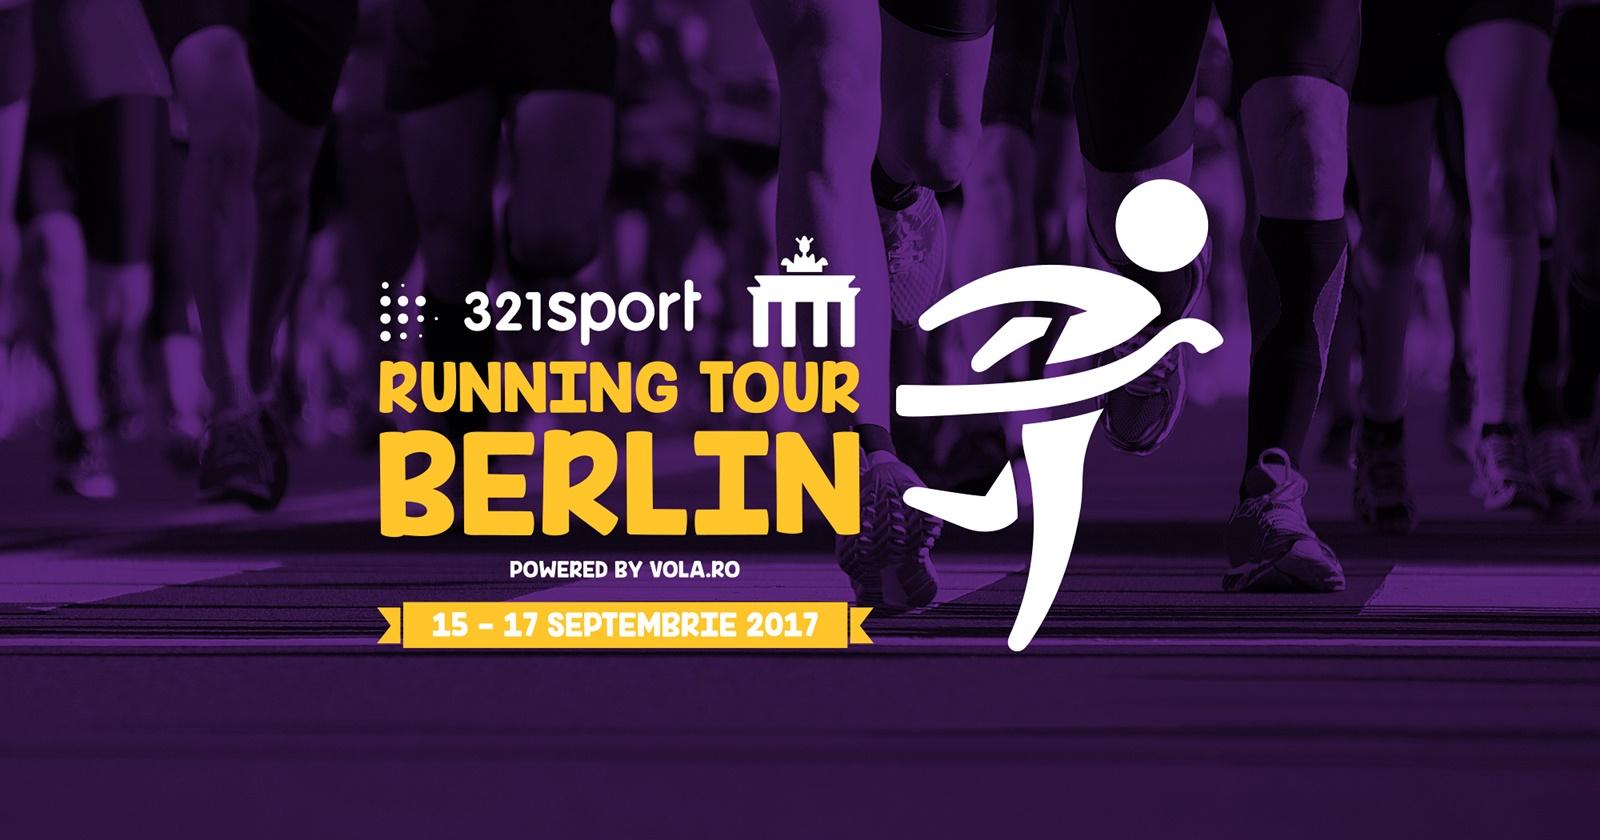 Descoperă Berlinul în alergare!